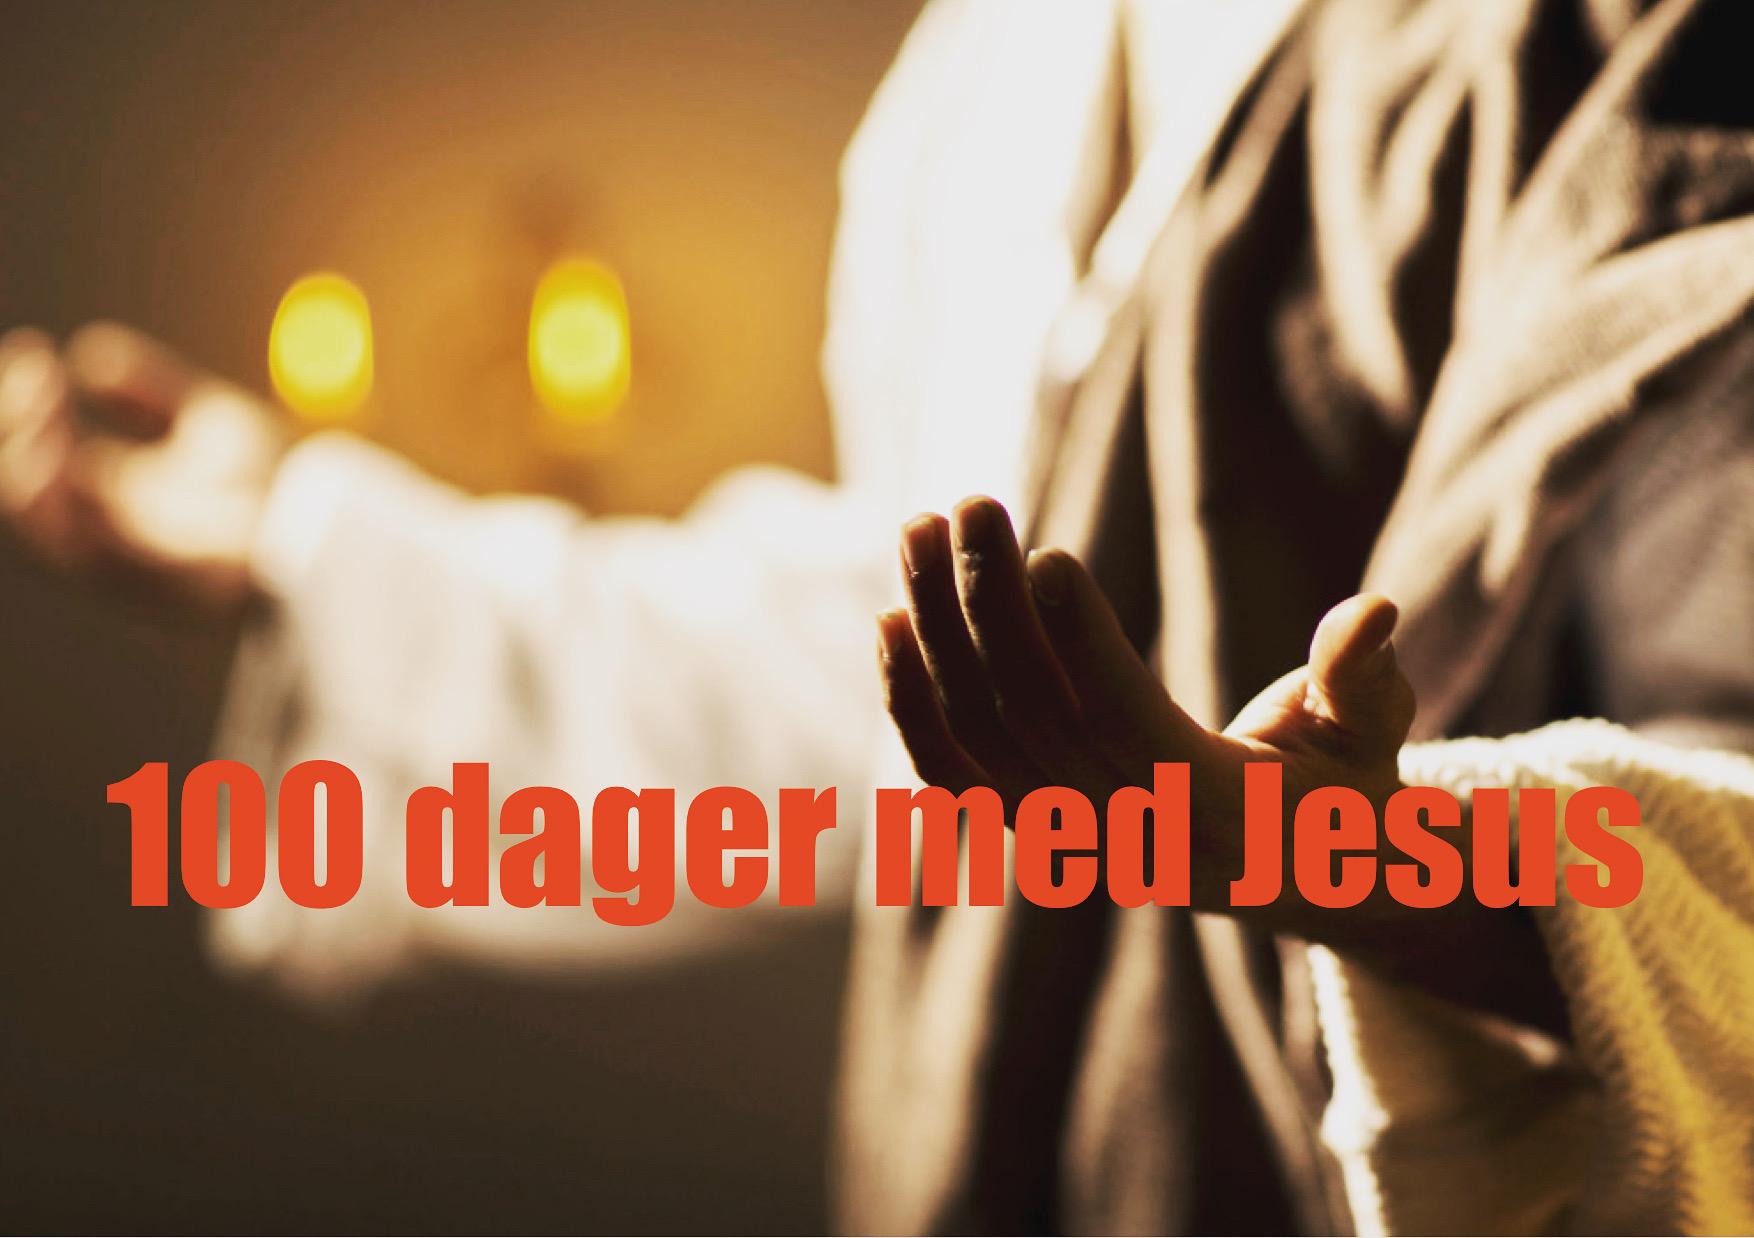 100 dager med JESUS